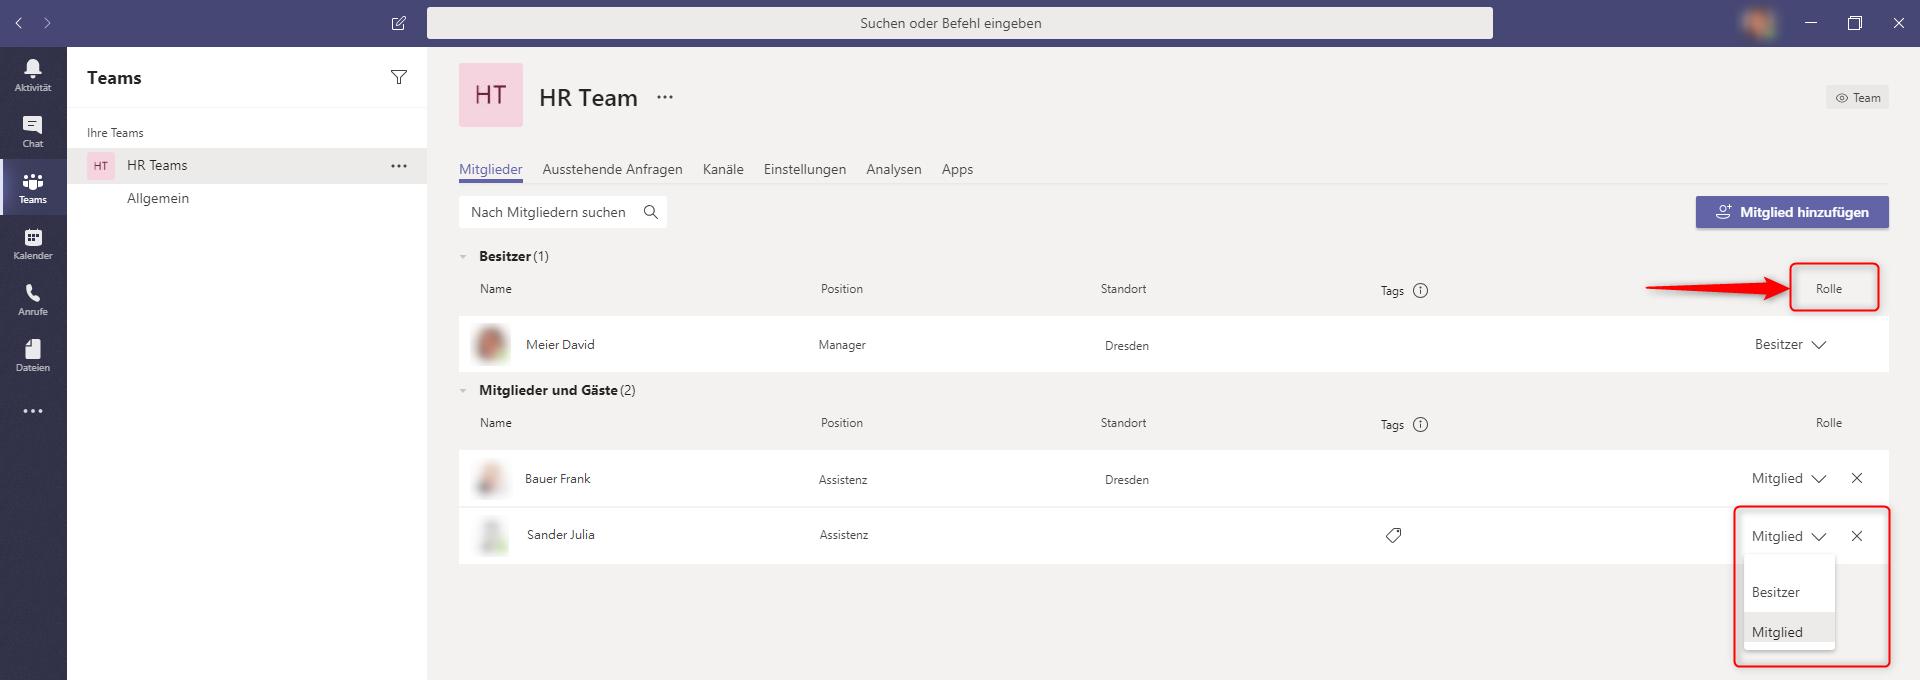 Microsoft Teams - Benutzerverwaltung - Rollen ändern